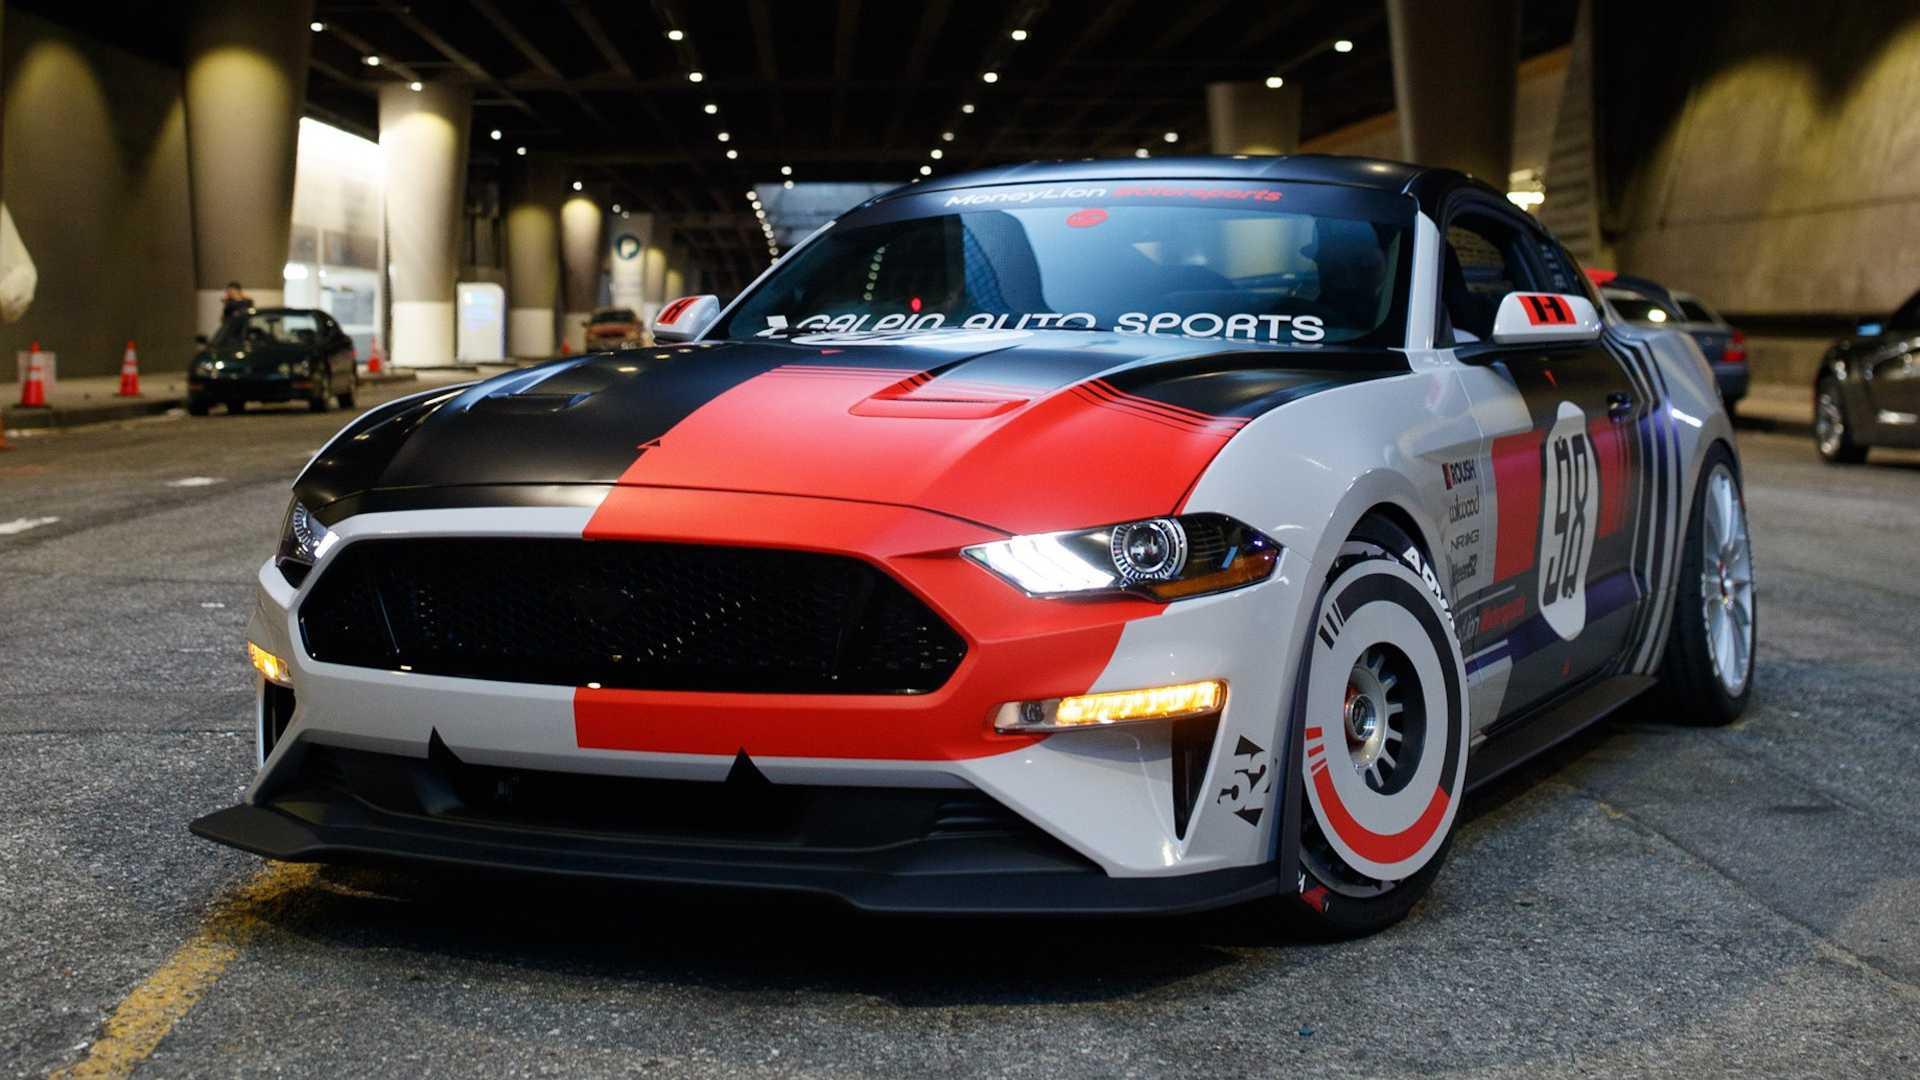 На выставке SEMA в Лас-Вегасе будет представлен уникальный Ford Mustang. Для работы над автомобилем свои усилия объединили гонщик NASCAR Райан Блейни, дизайнер Кайзал Салим и фотограф Ларри Чен.